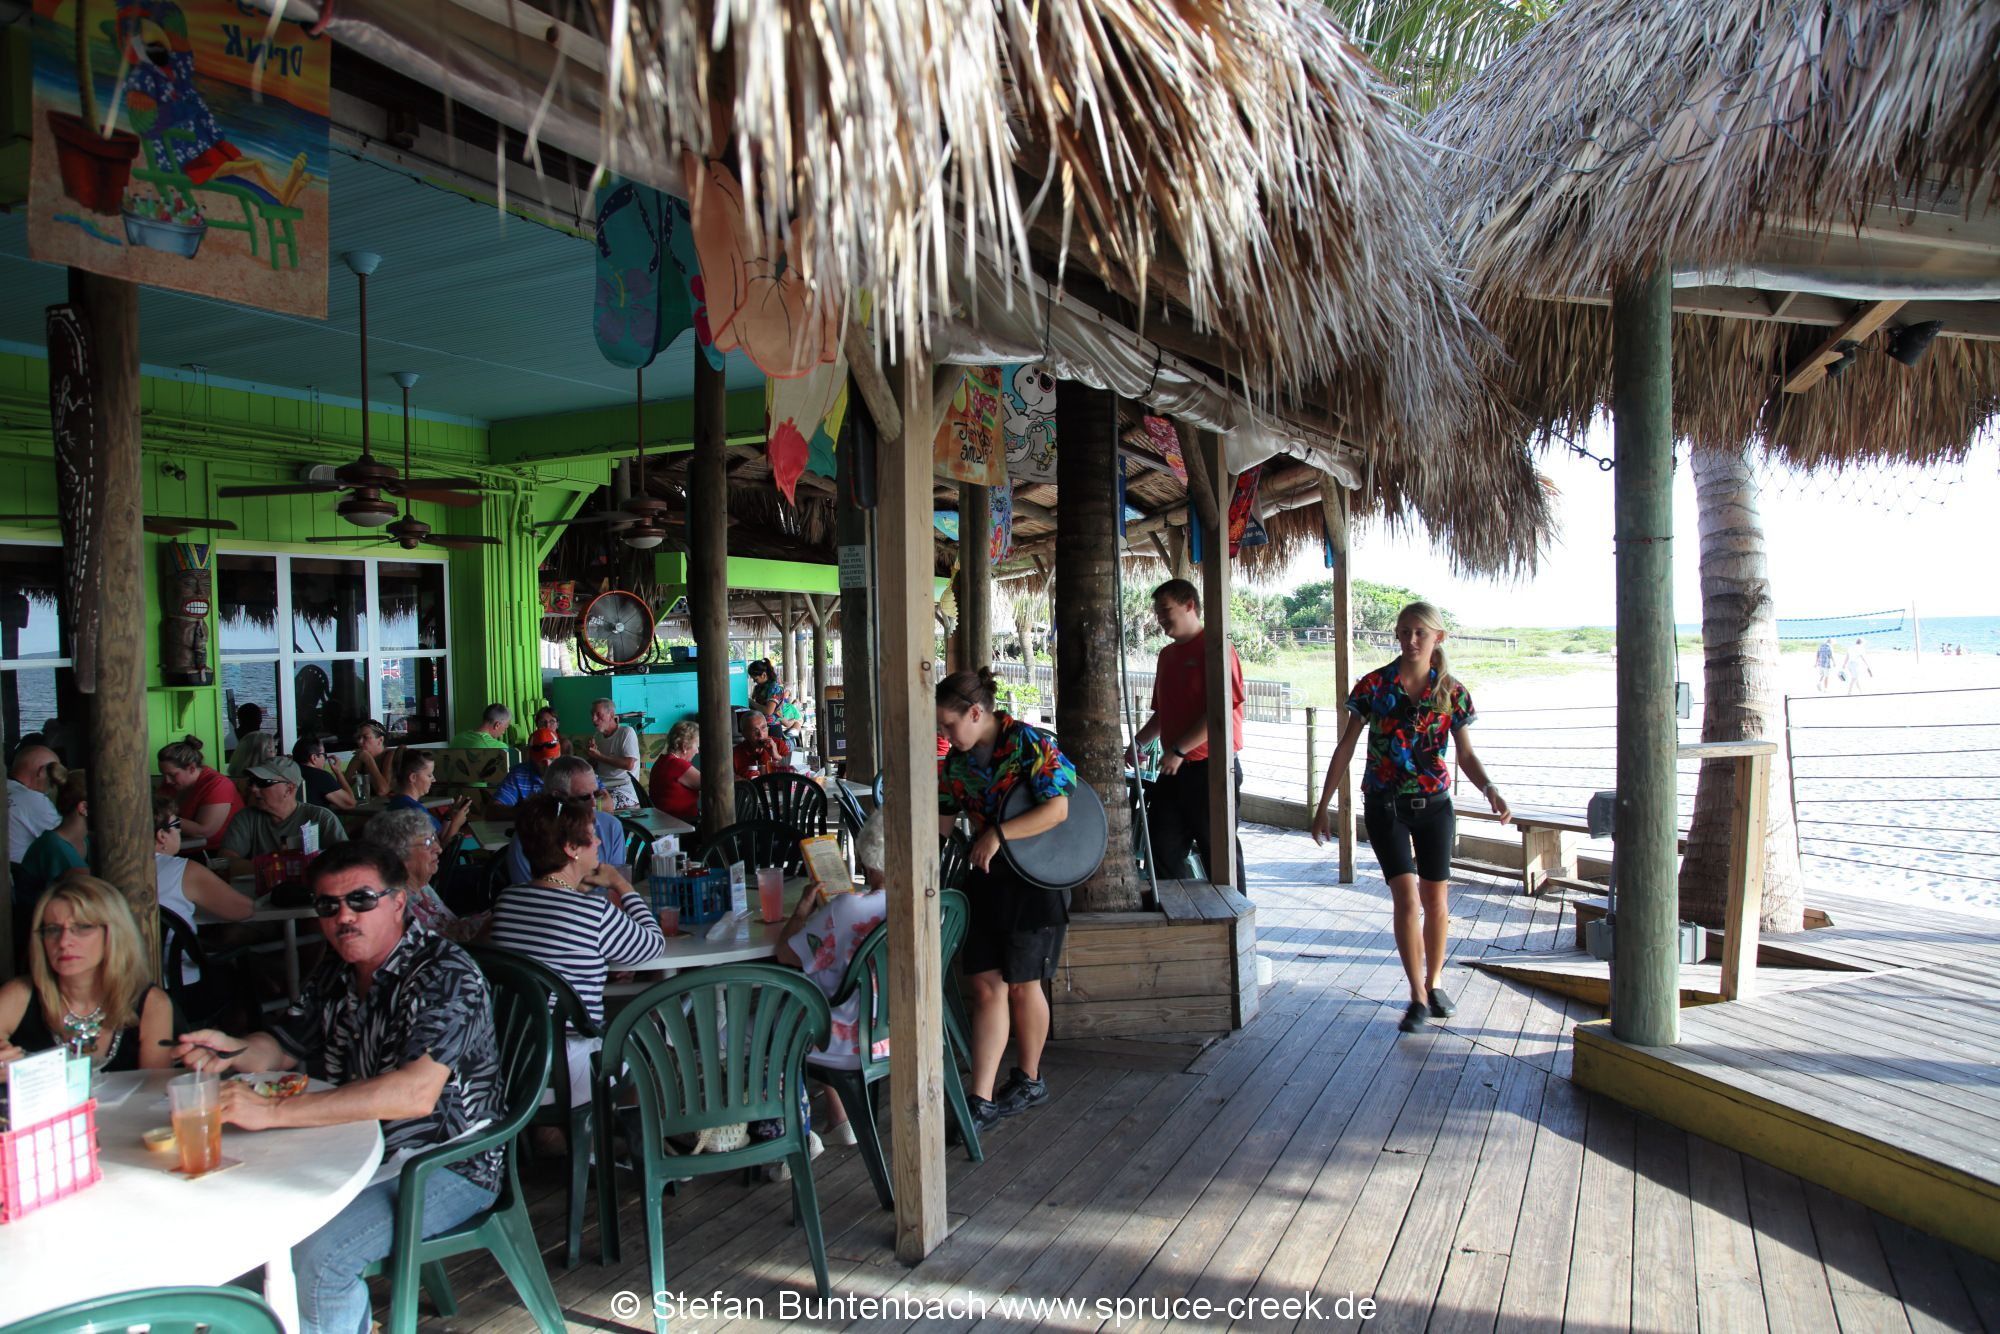 Gut besucht ist das Restaurant Sharky's in Venice in Florida an der Pier.